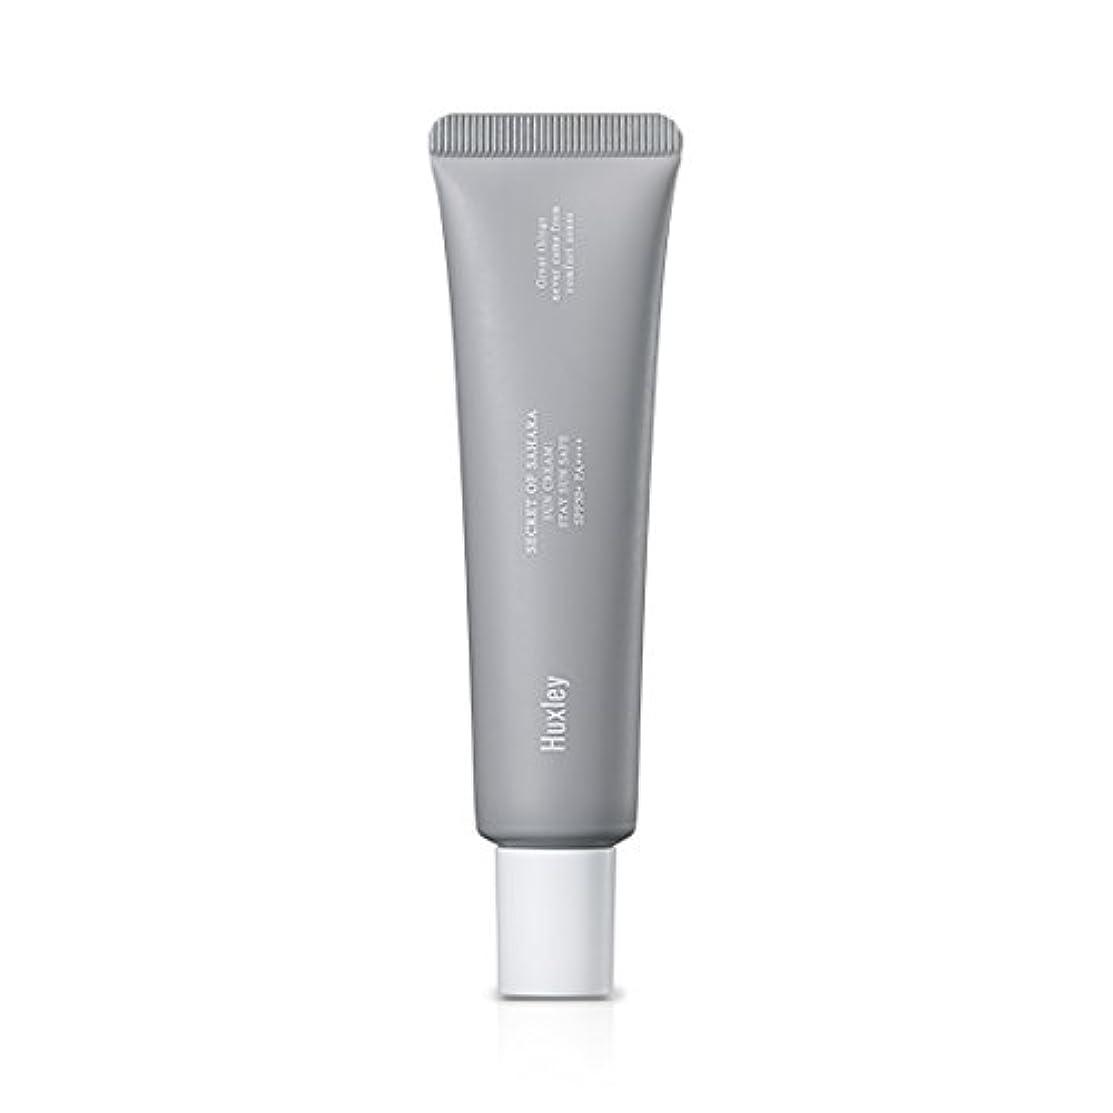 暴露する労働重々しいHuxley Sun Cream;Stay Sun Safe 35ml (SPF50+ PA++++)/ハクスリー サンクリーム;ステイ サン セーフ 35ml (SPF50+ PA++++) [並行輸入品]